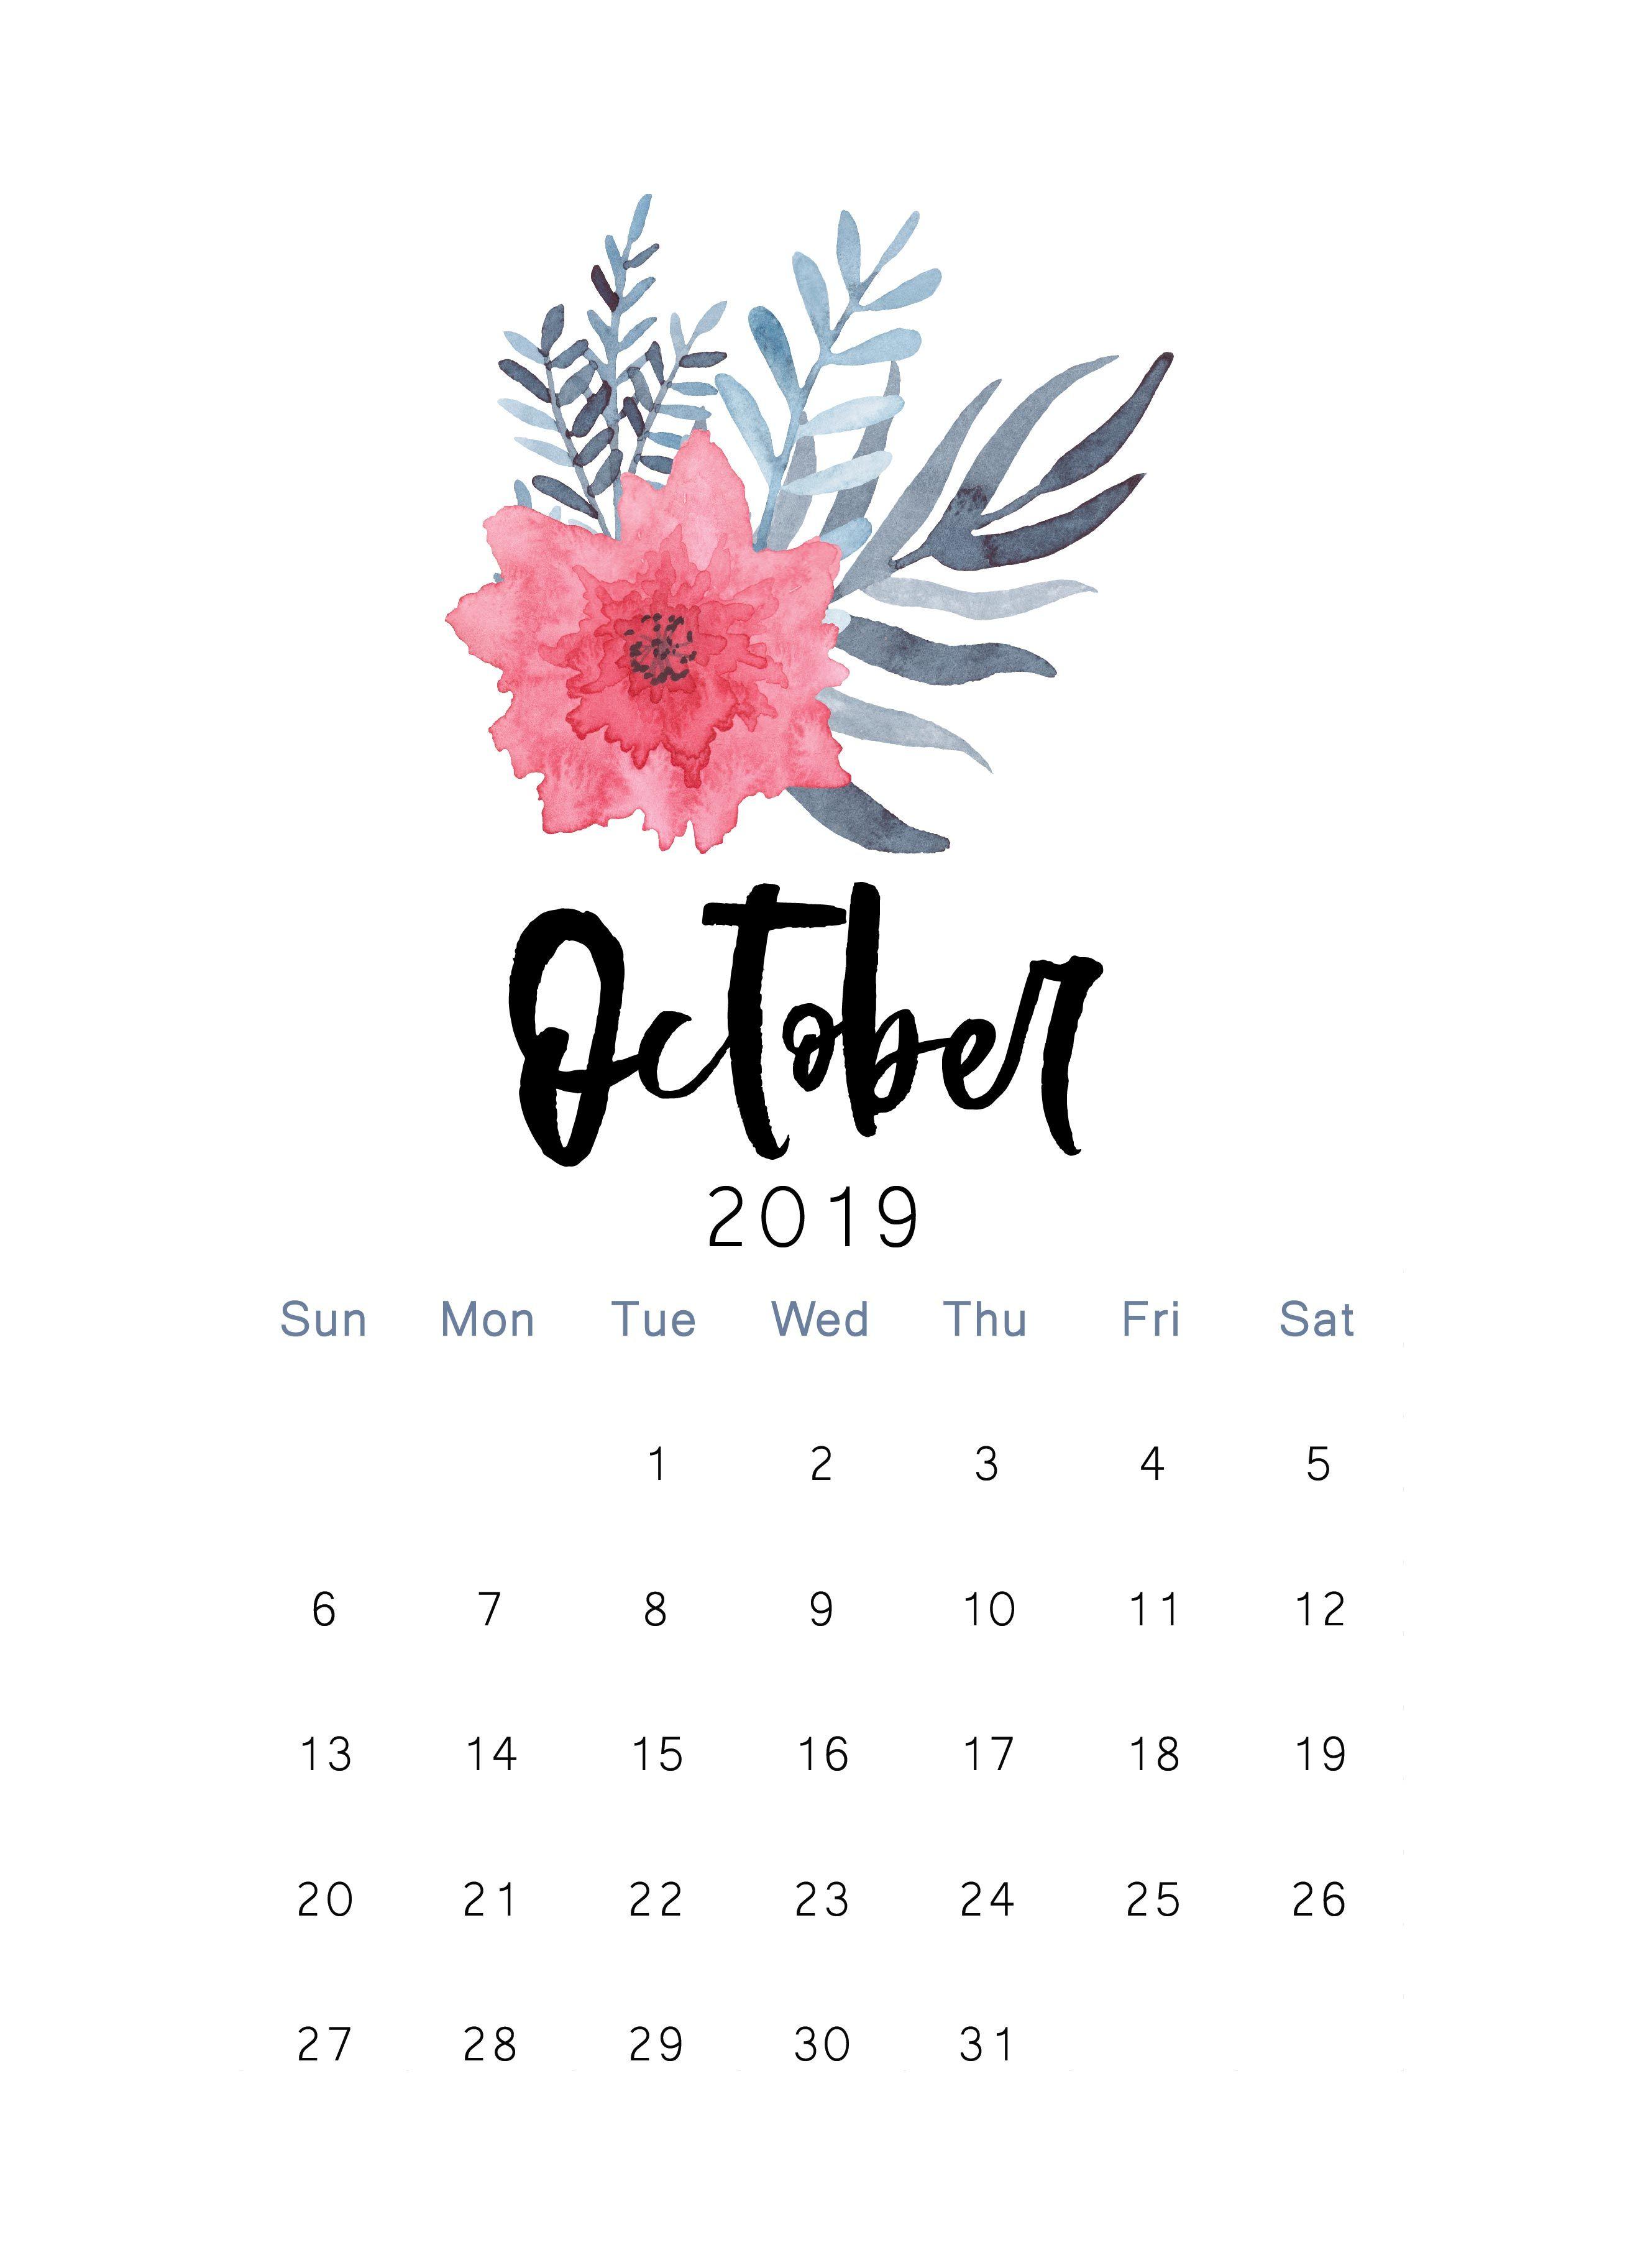 October Calendar 2019.October 2019 Printable Calendar The Cactus Creative October